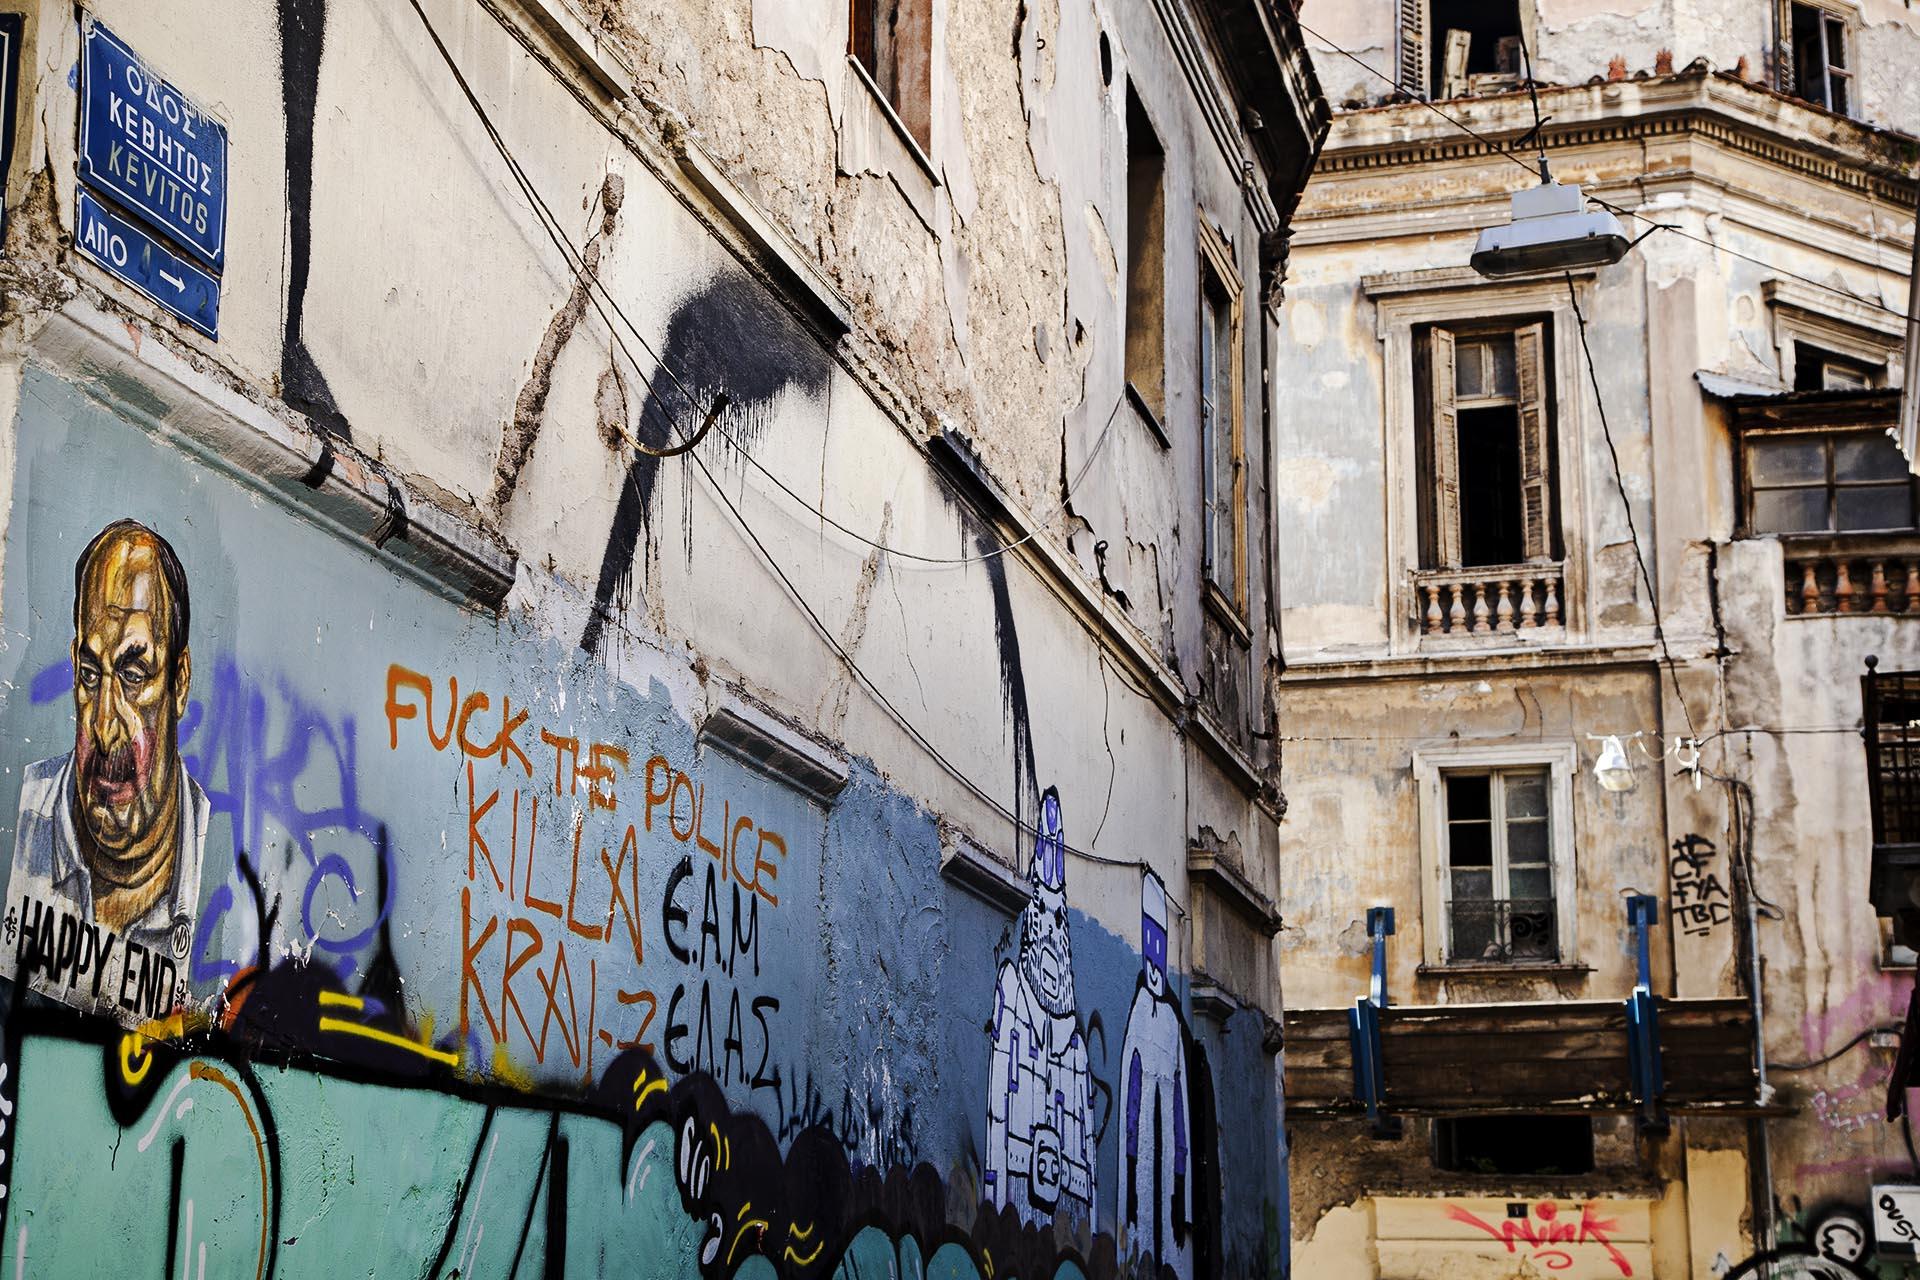 El deterioro en algunos barrios de la capital helena es evidente